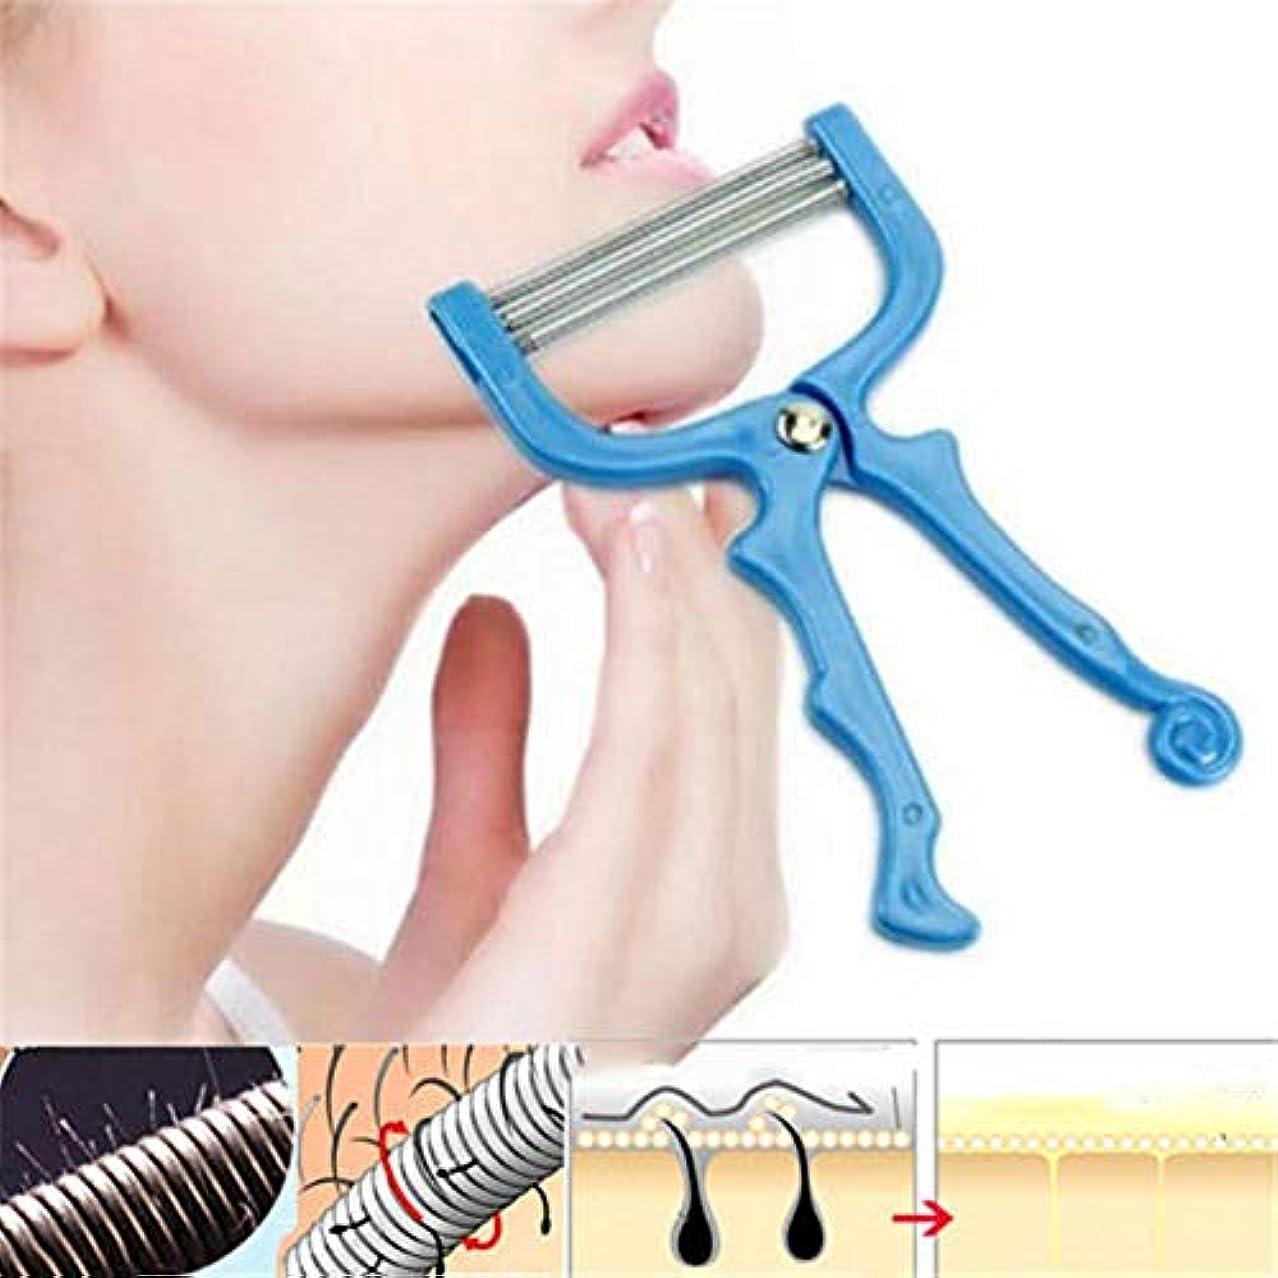 ゲージフロントヘッジSILUN 手動脱毛器 顔/腕/足/脇/ビキニエリアで使用する リムーバー フェイシャルヘアリムーバースプリングフェイシャルヘアスレーター除毛ツール美容ツール